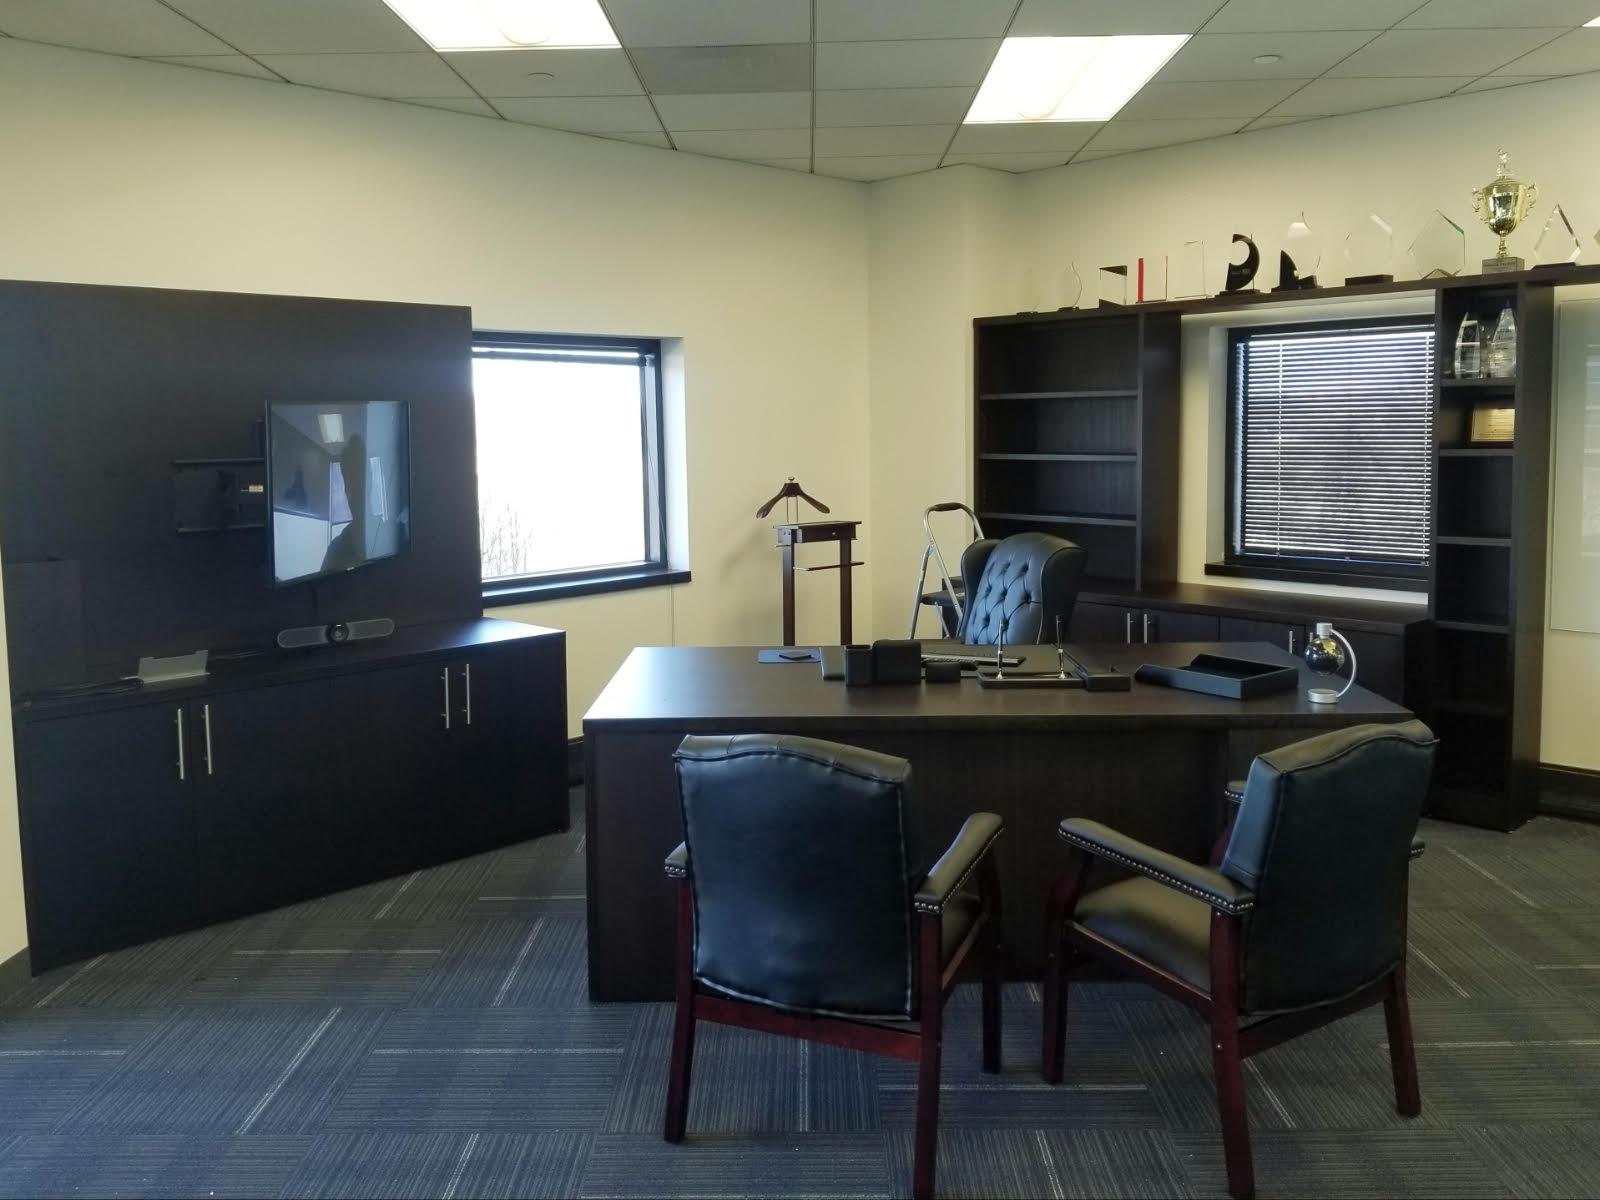 7 - Custom CEO office install